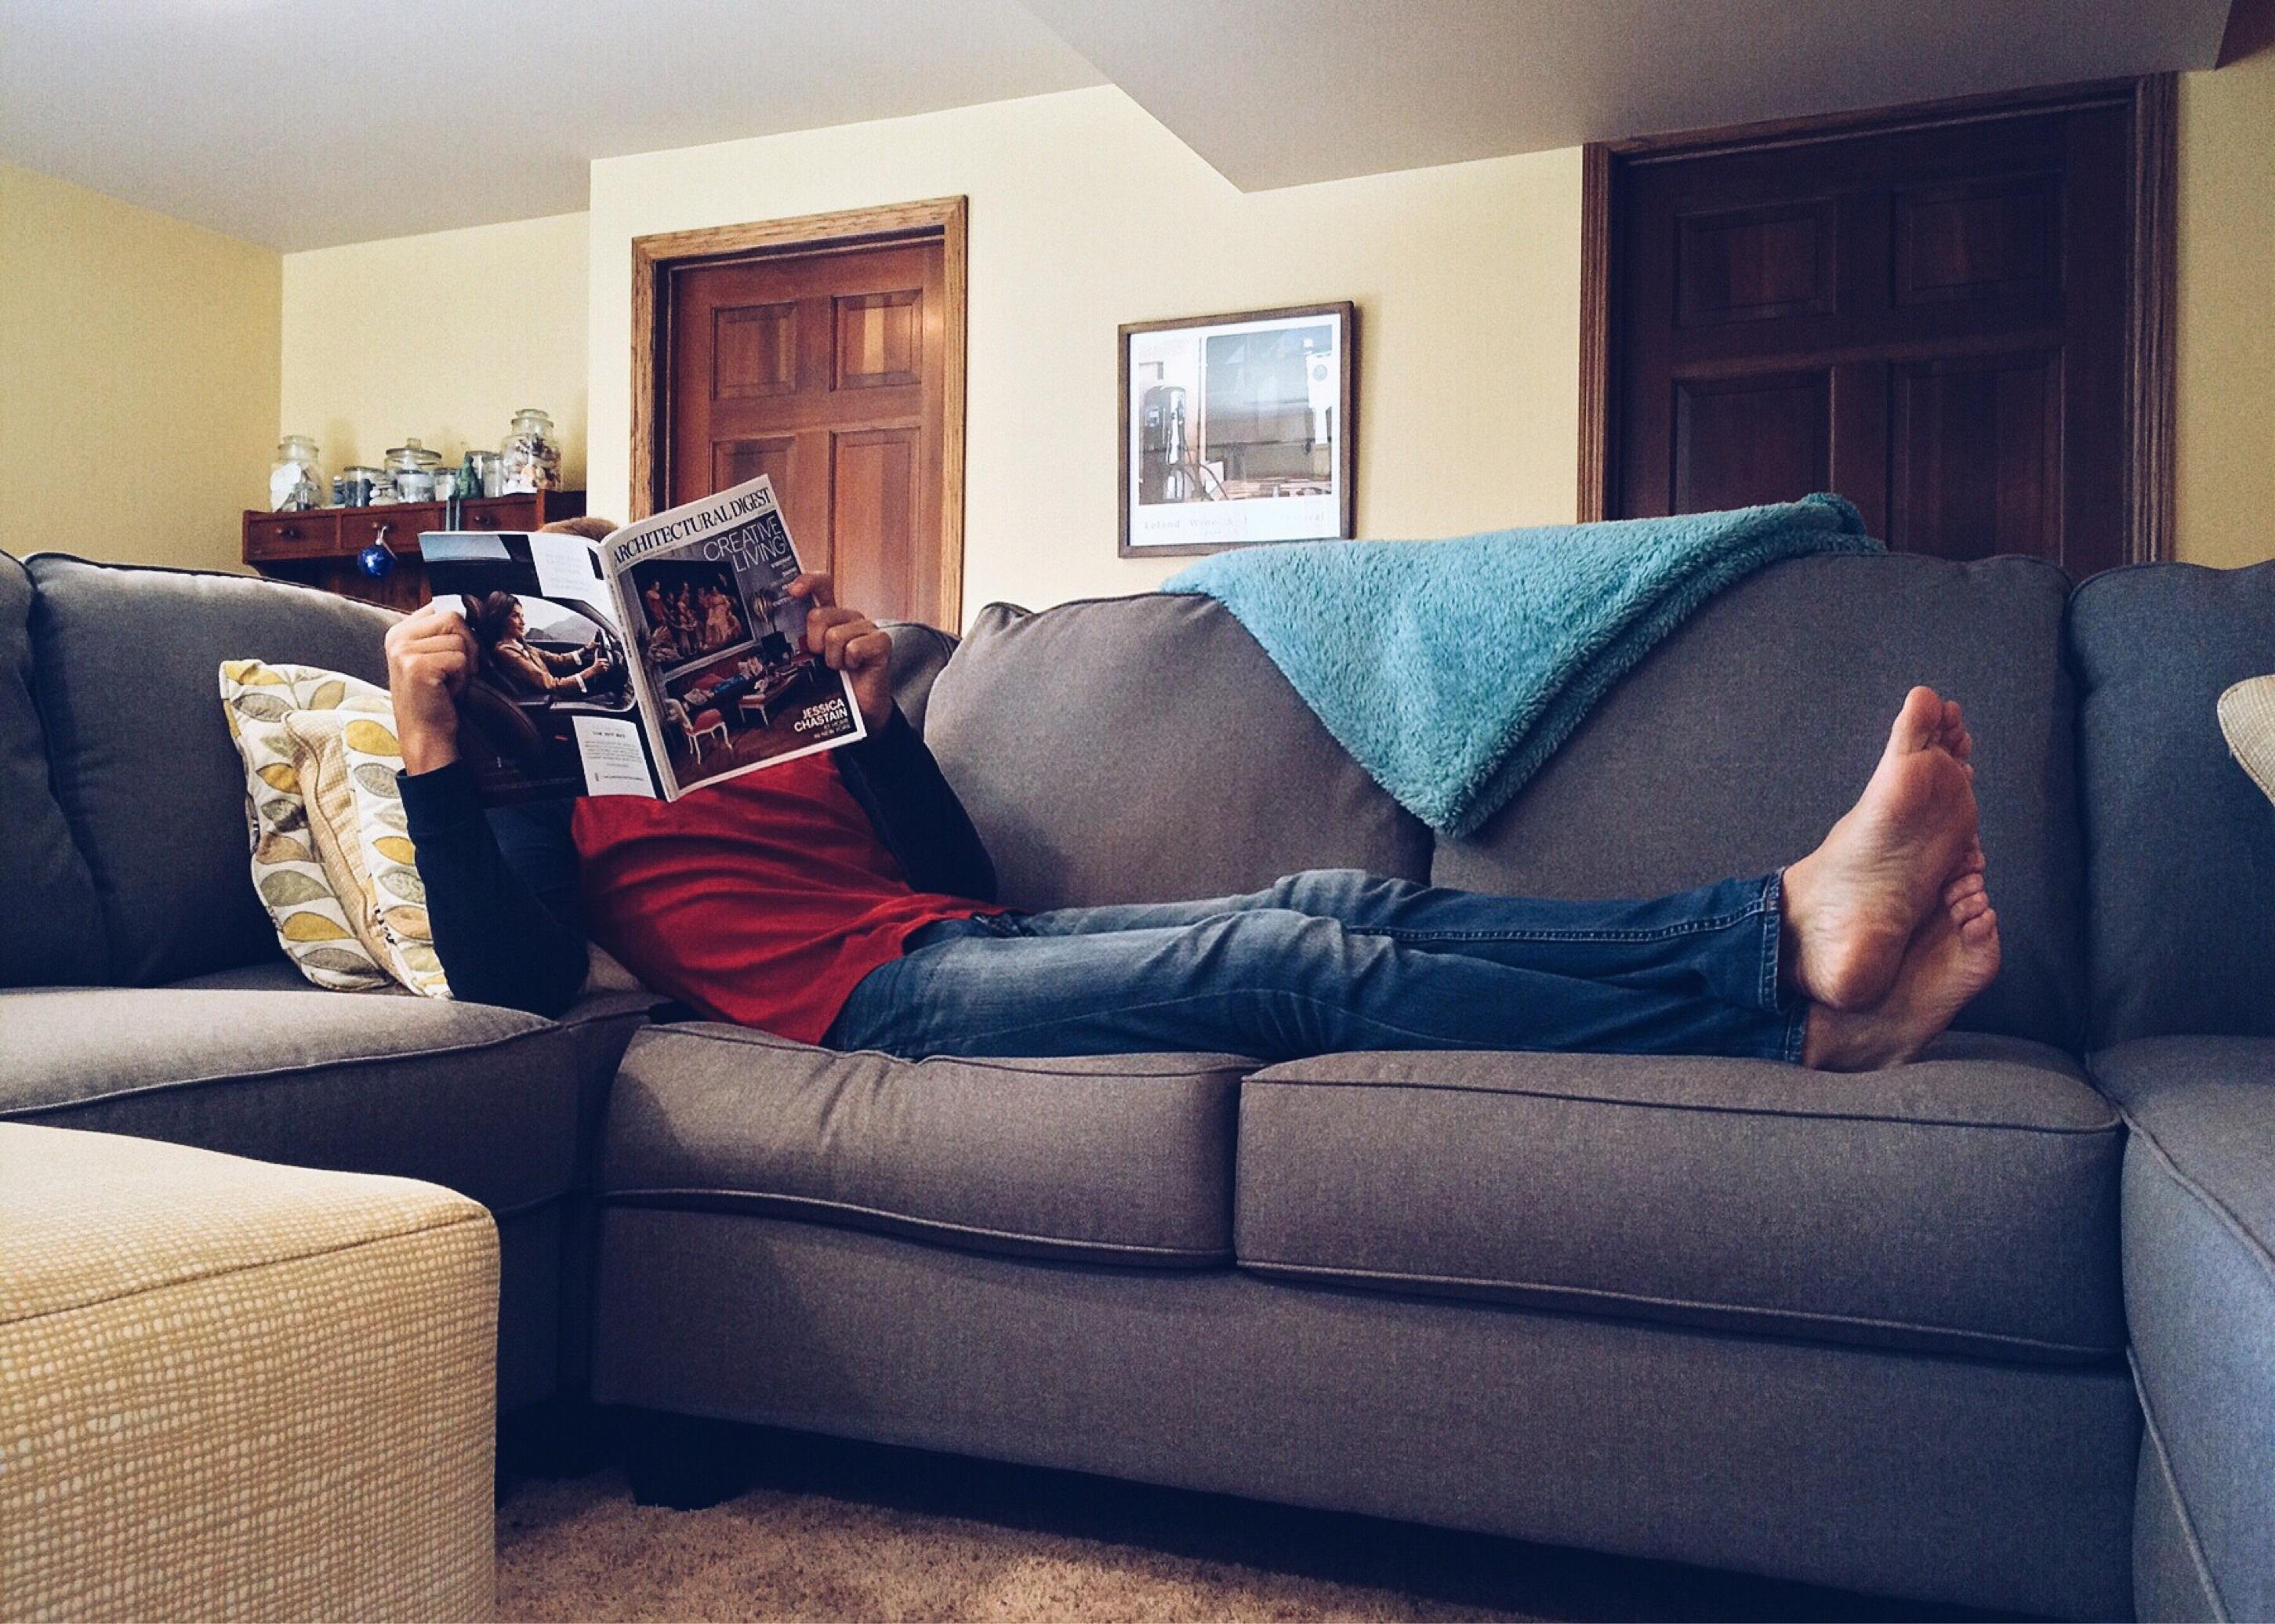 5 ways to de-stress your home